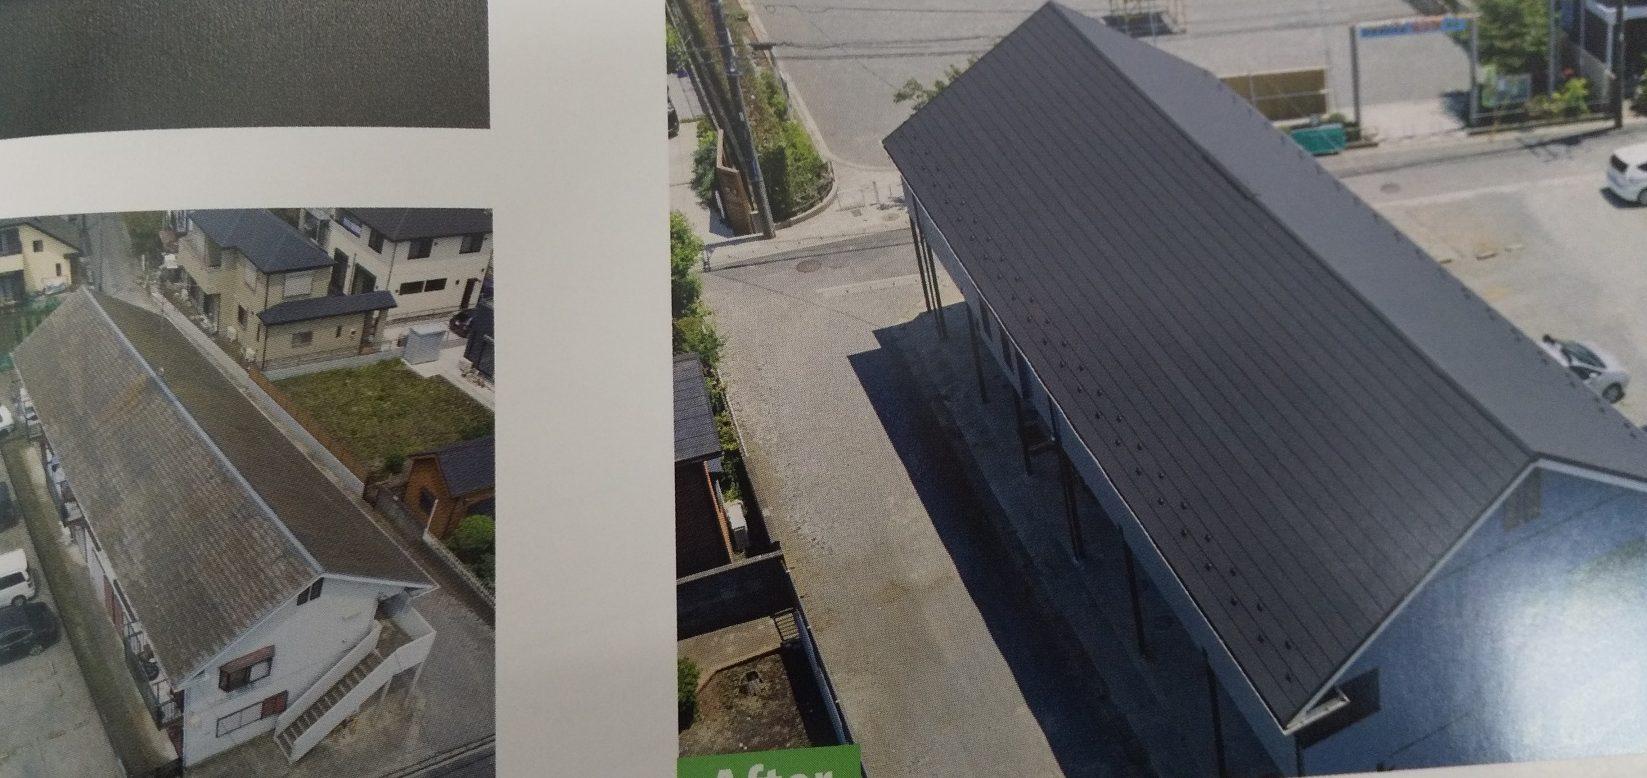 西宮市尼崎市屋根カバー工法施工事例2